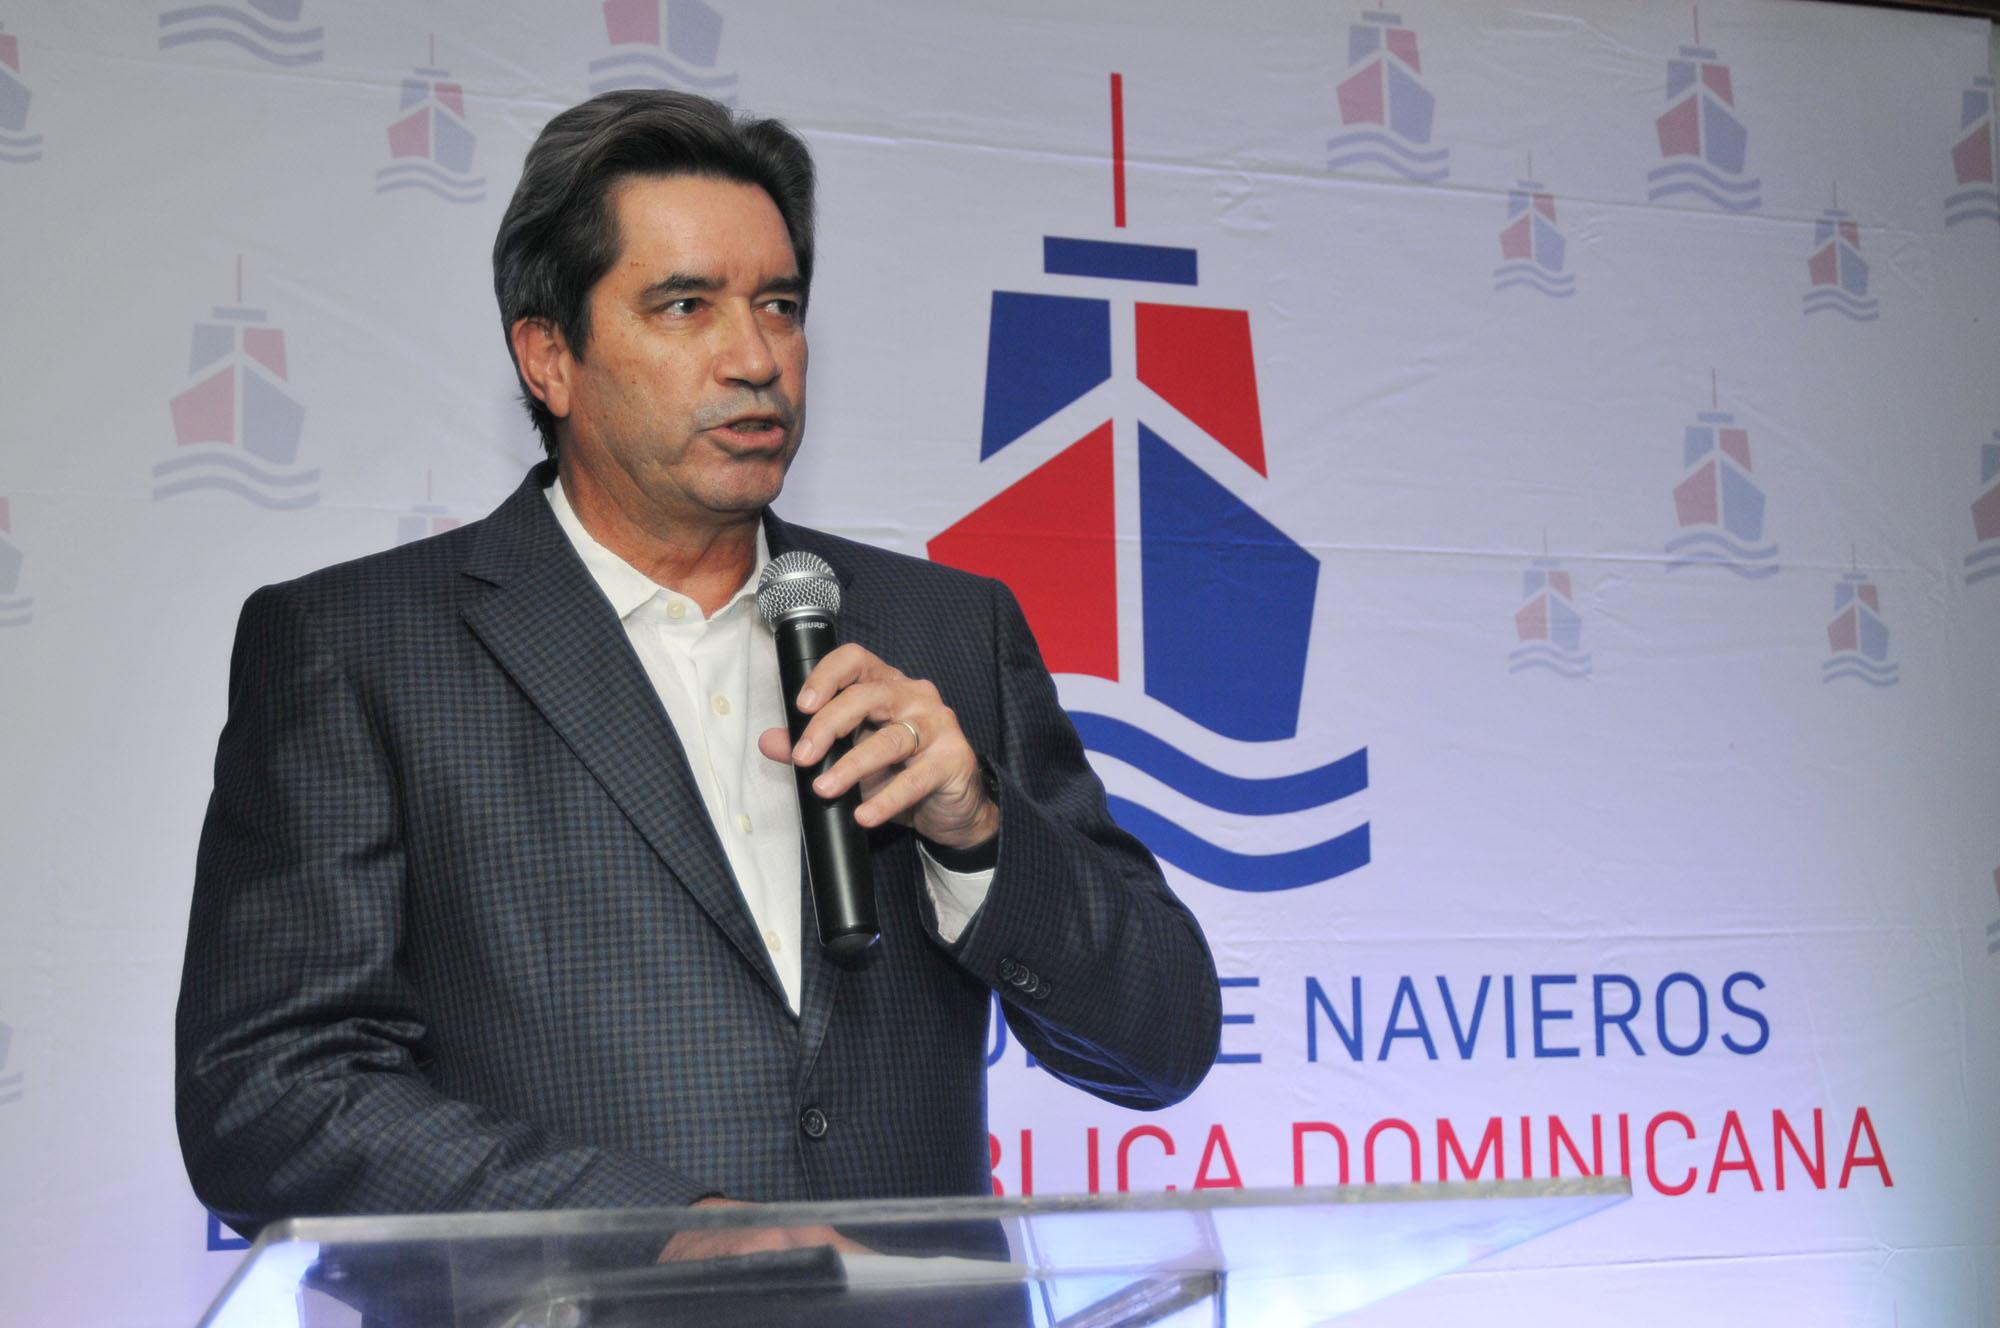 Asociación de navieros realizará evento sobre economía azul como modelo de negocio sostenible